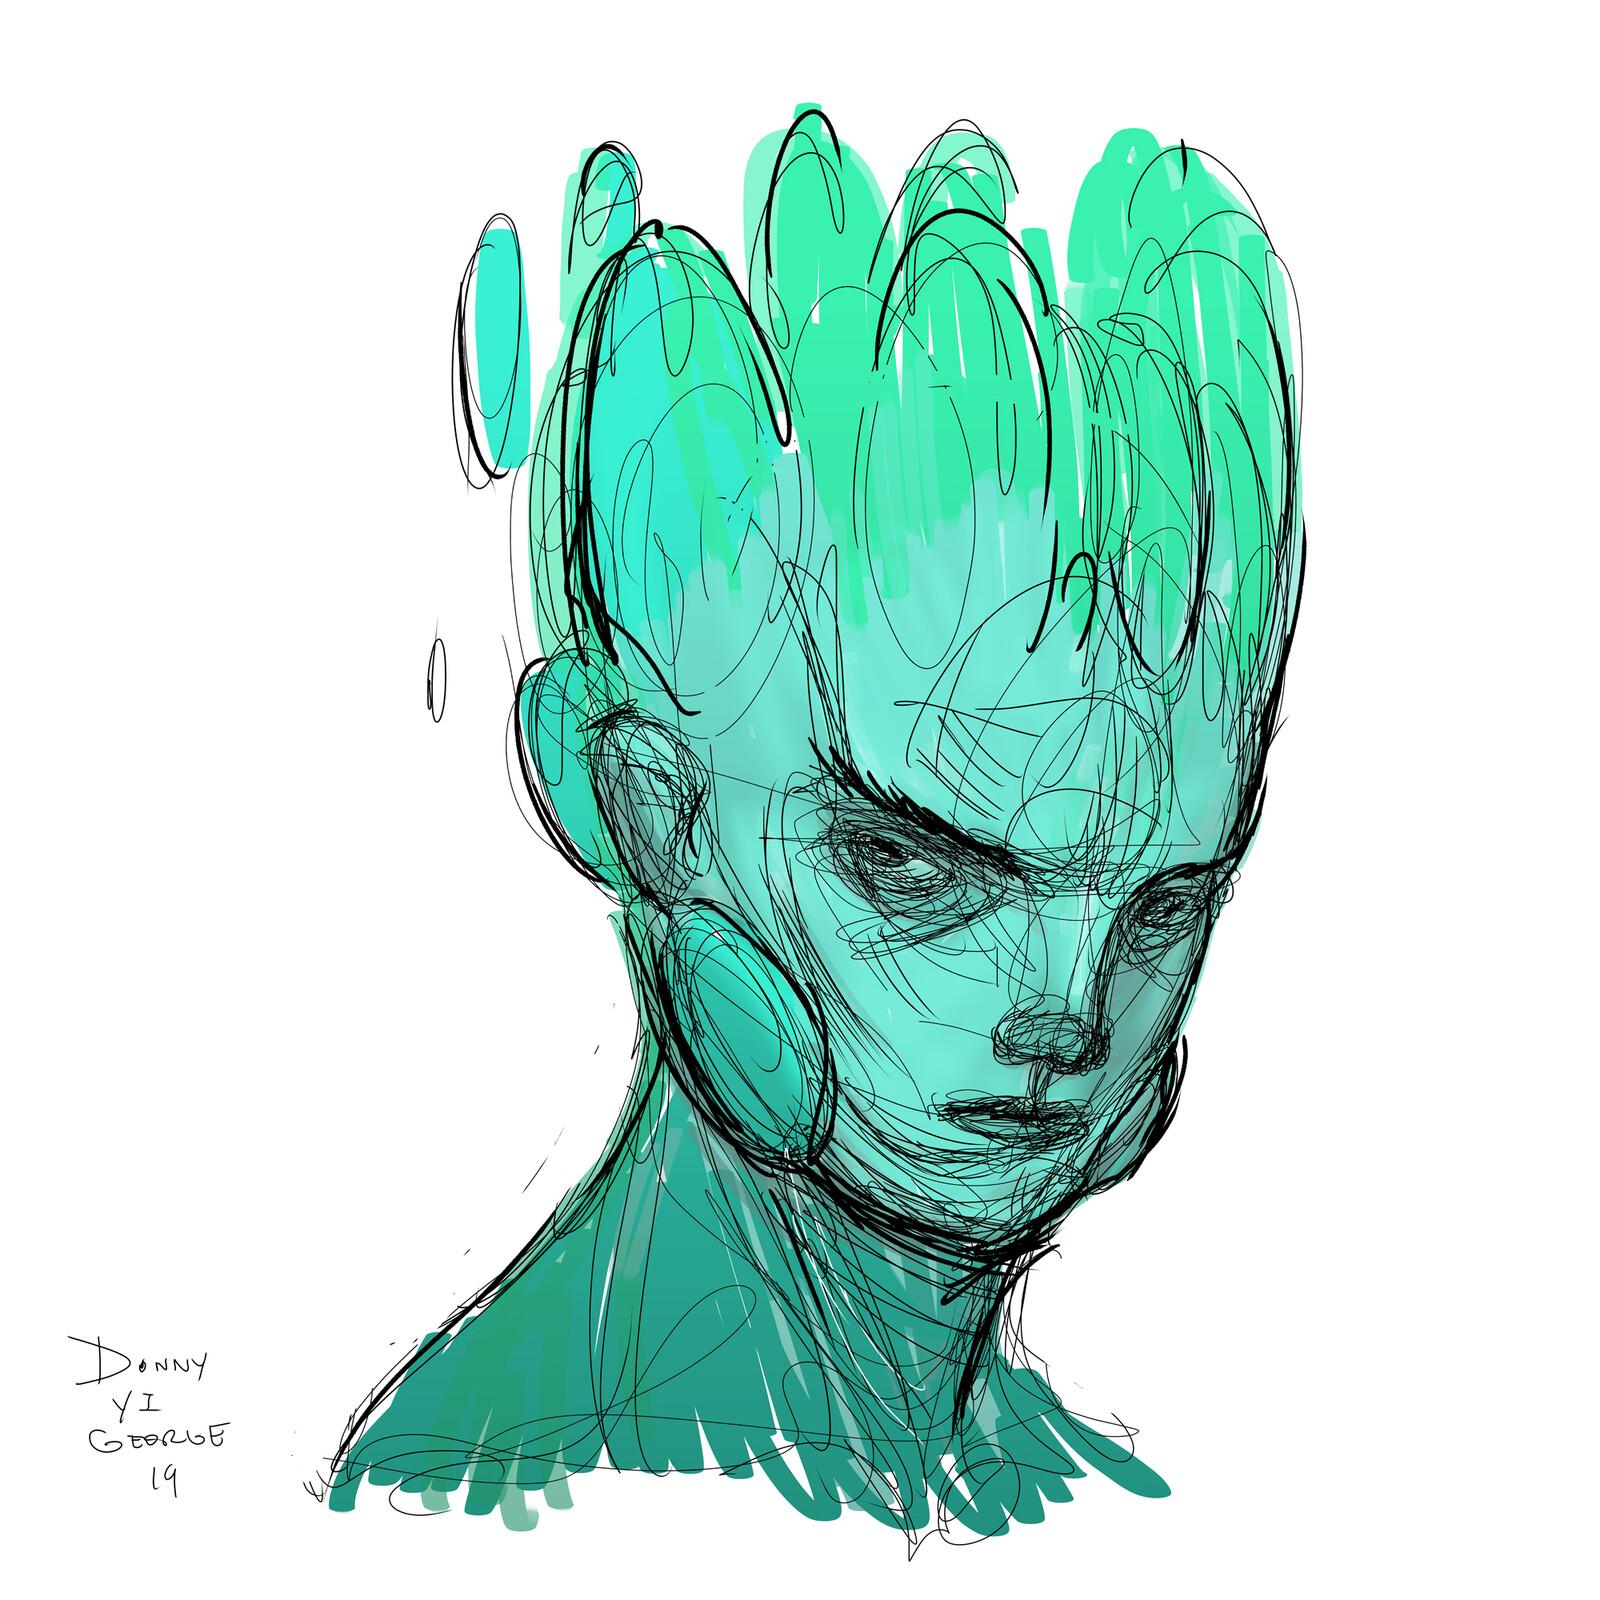 Plasma Prince